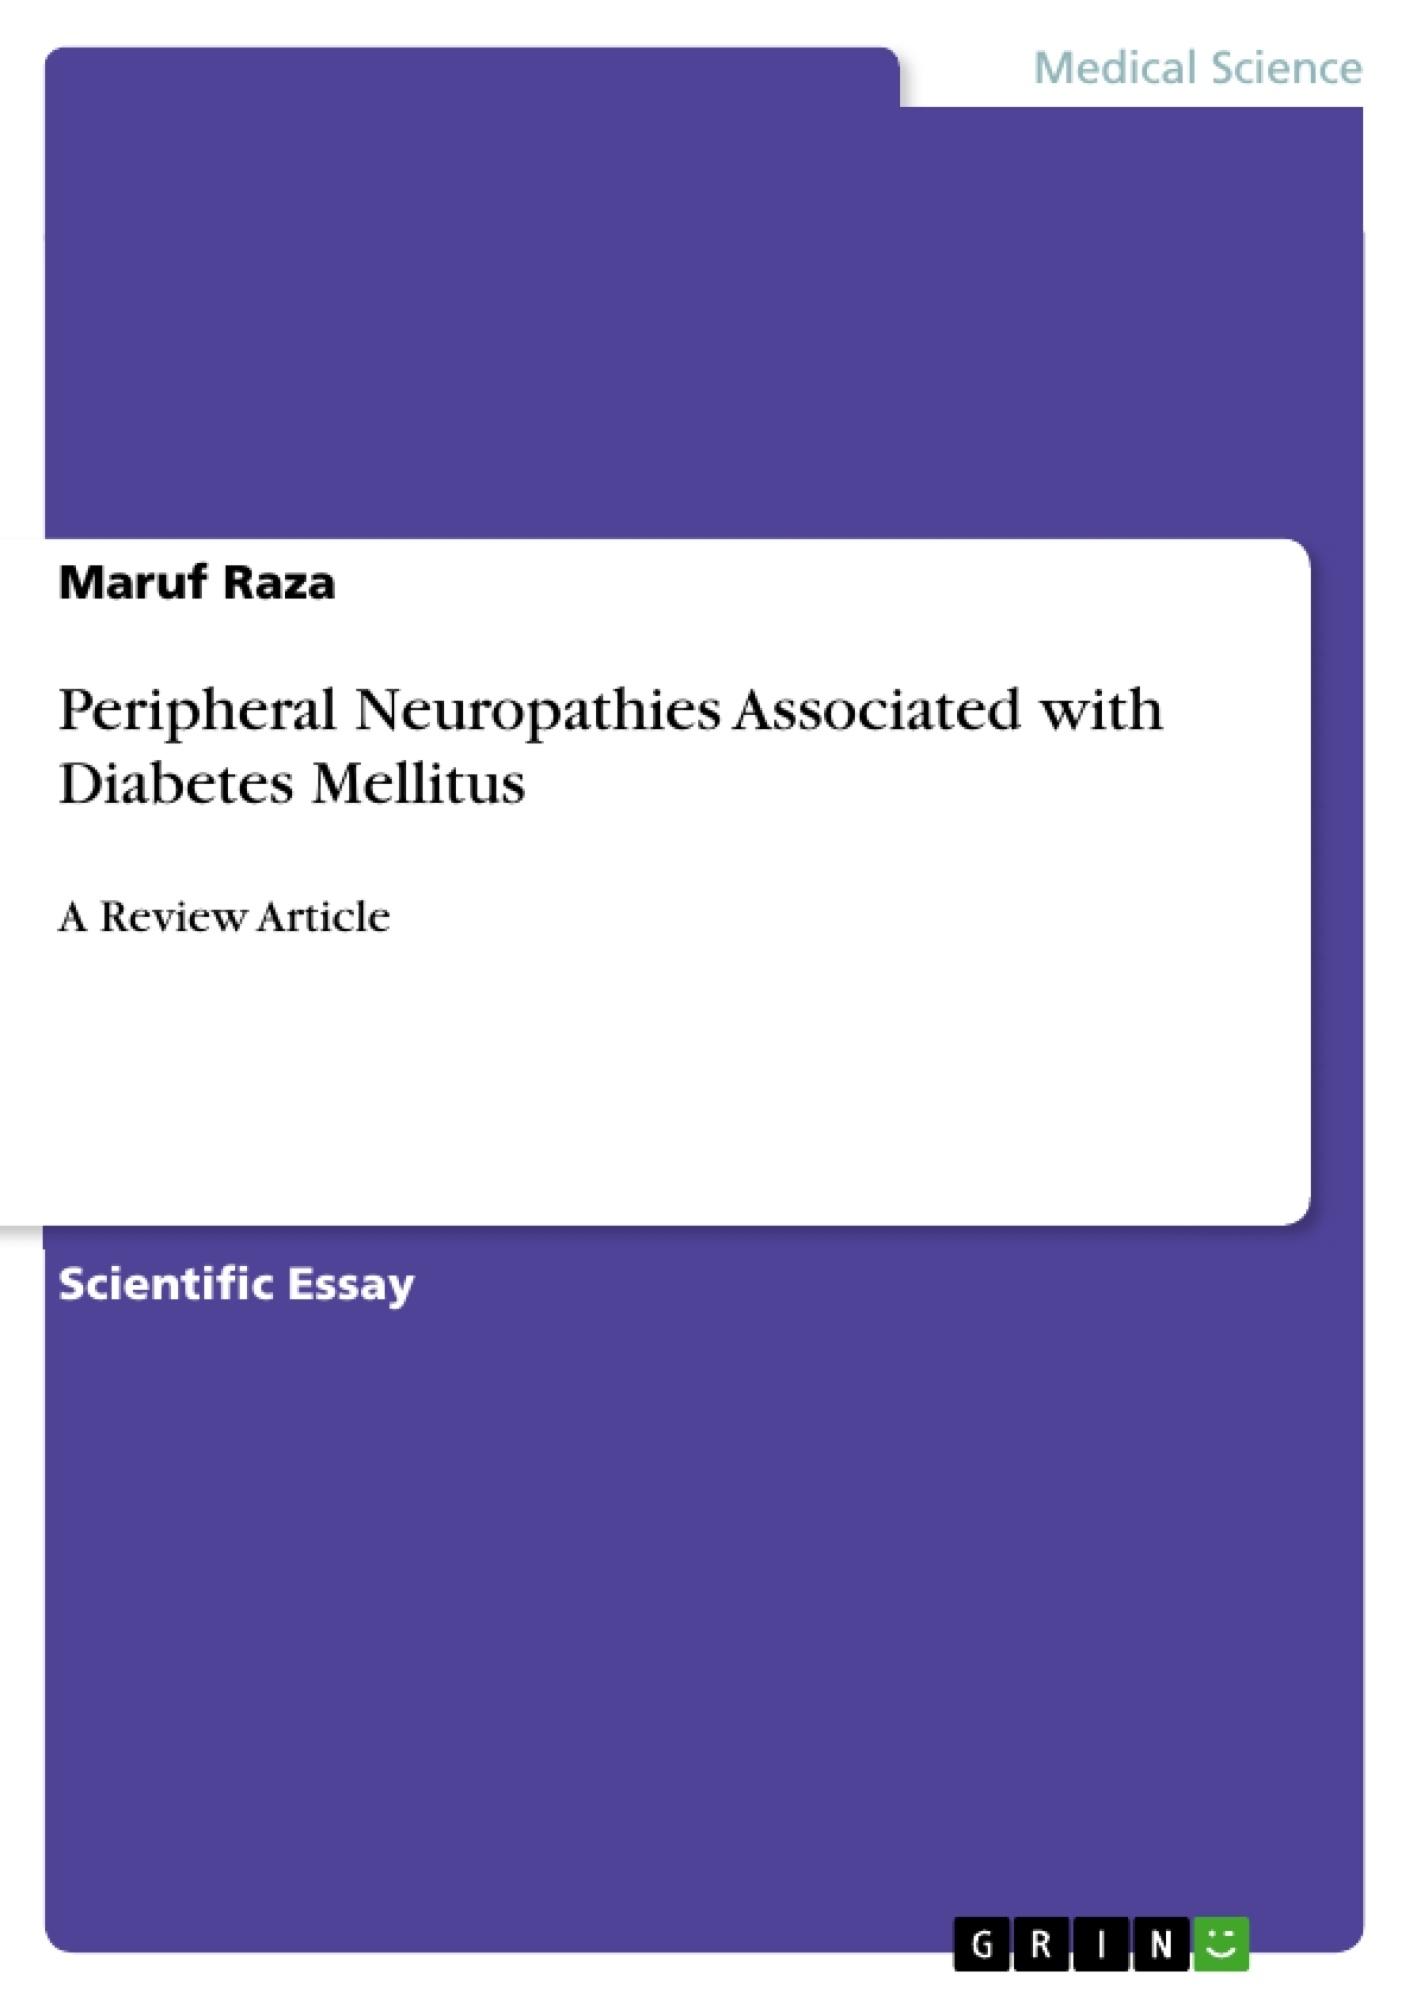 Title: Peripheral Neuropathies Associated with Diabetes Mellitus